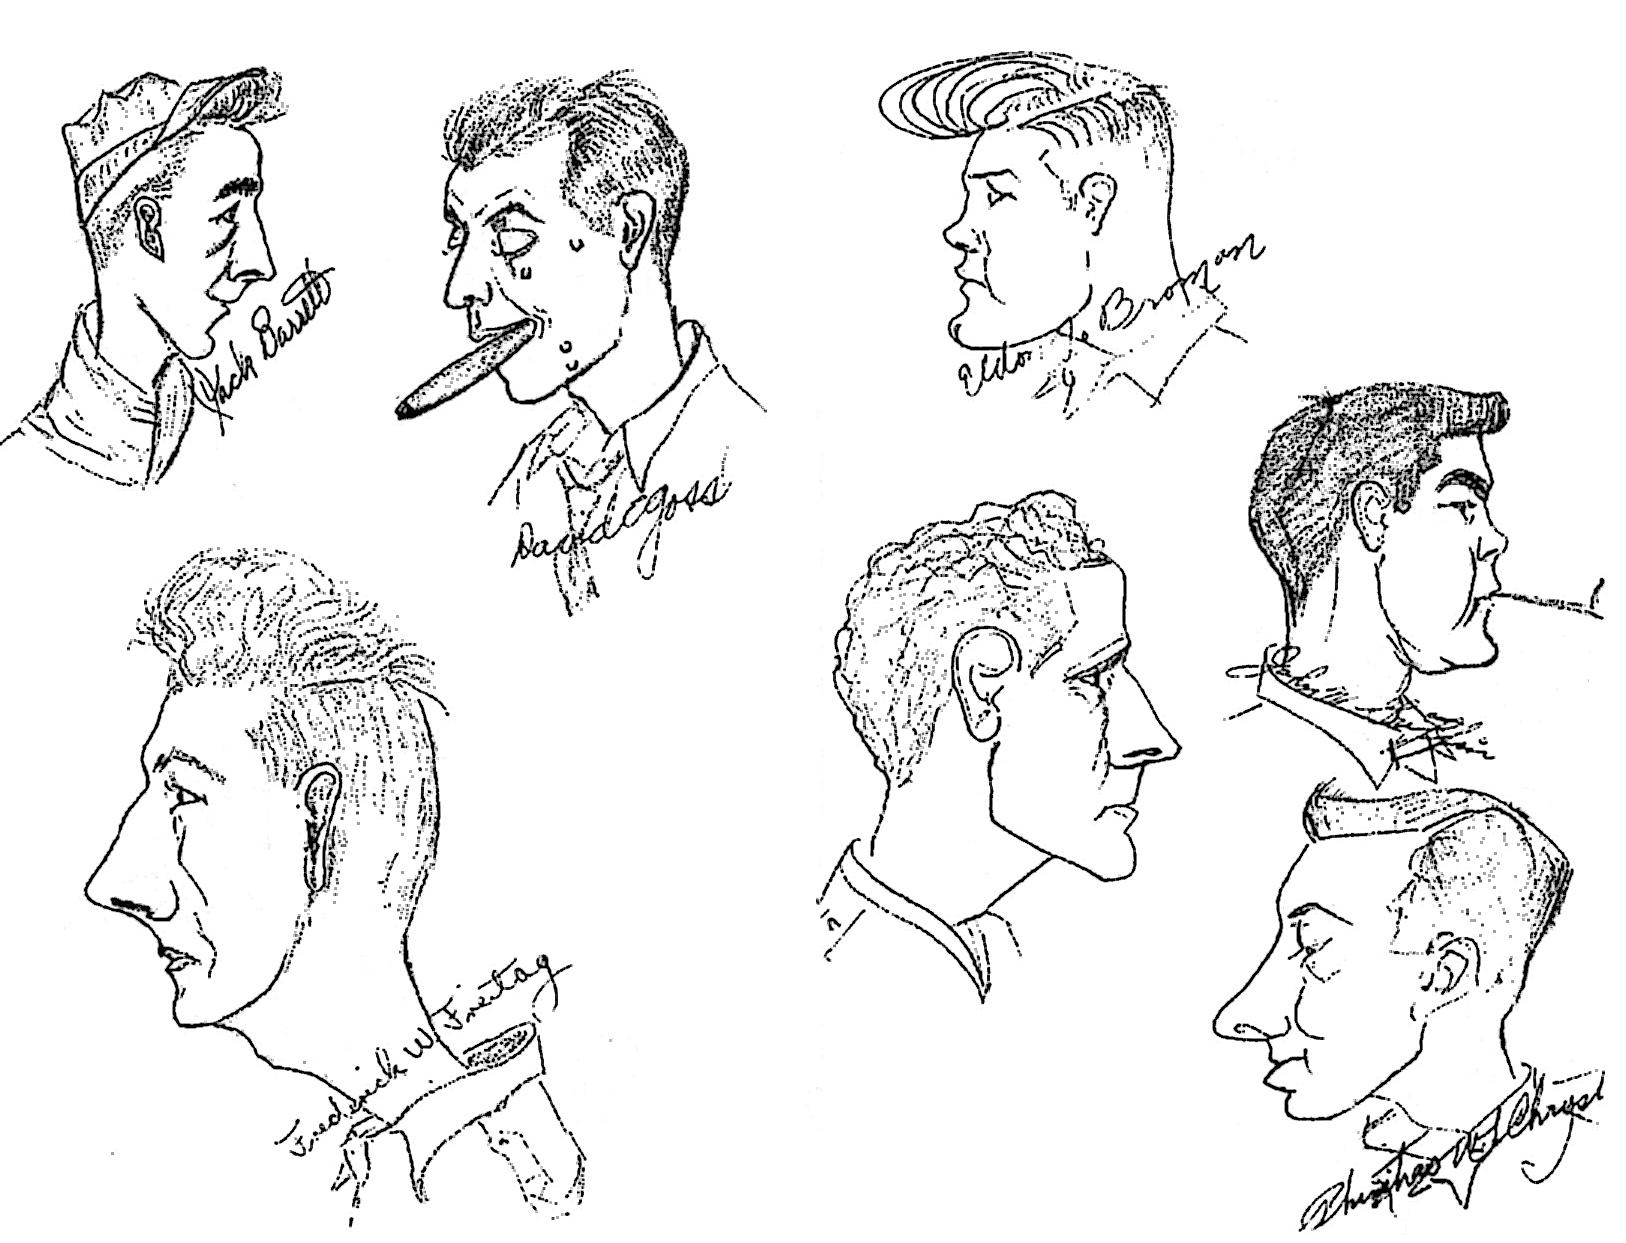 Sketches of men in room 2